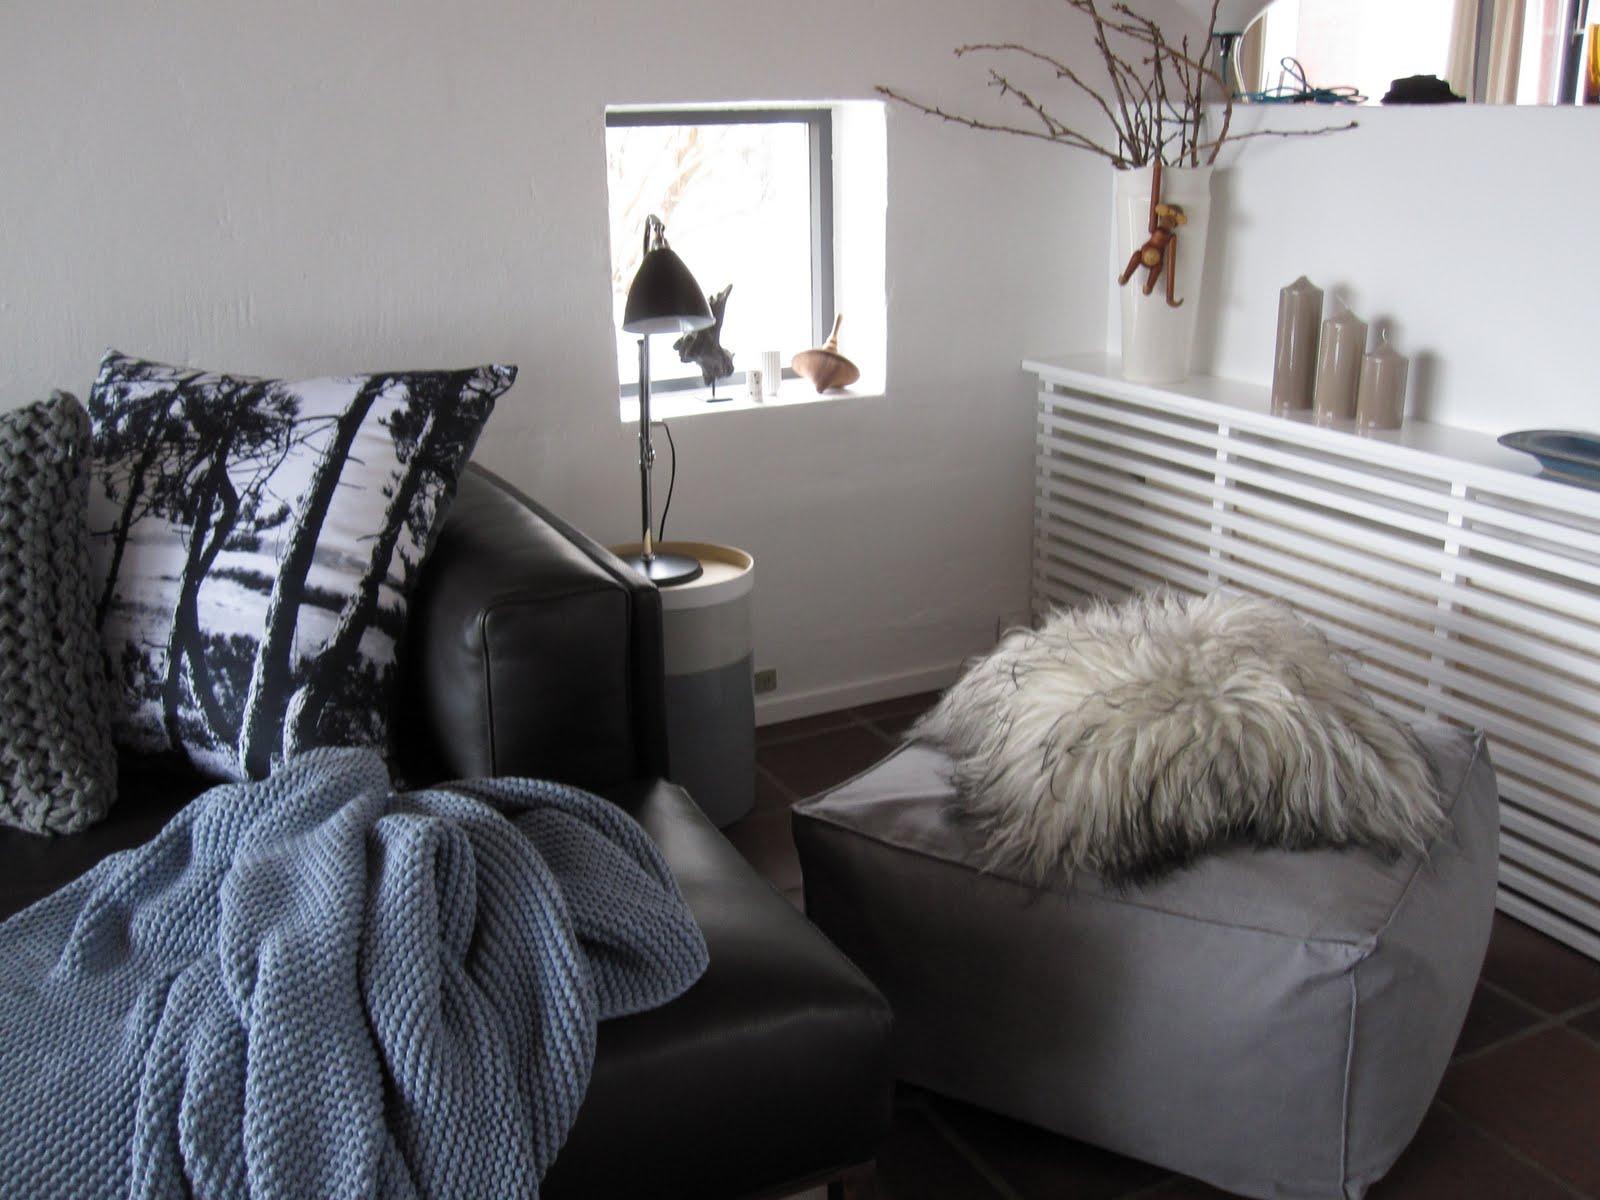 NonnasBlog: En stue skifter ham